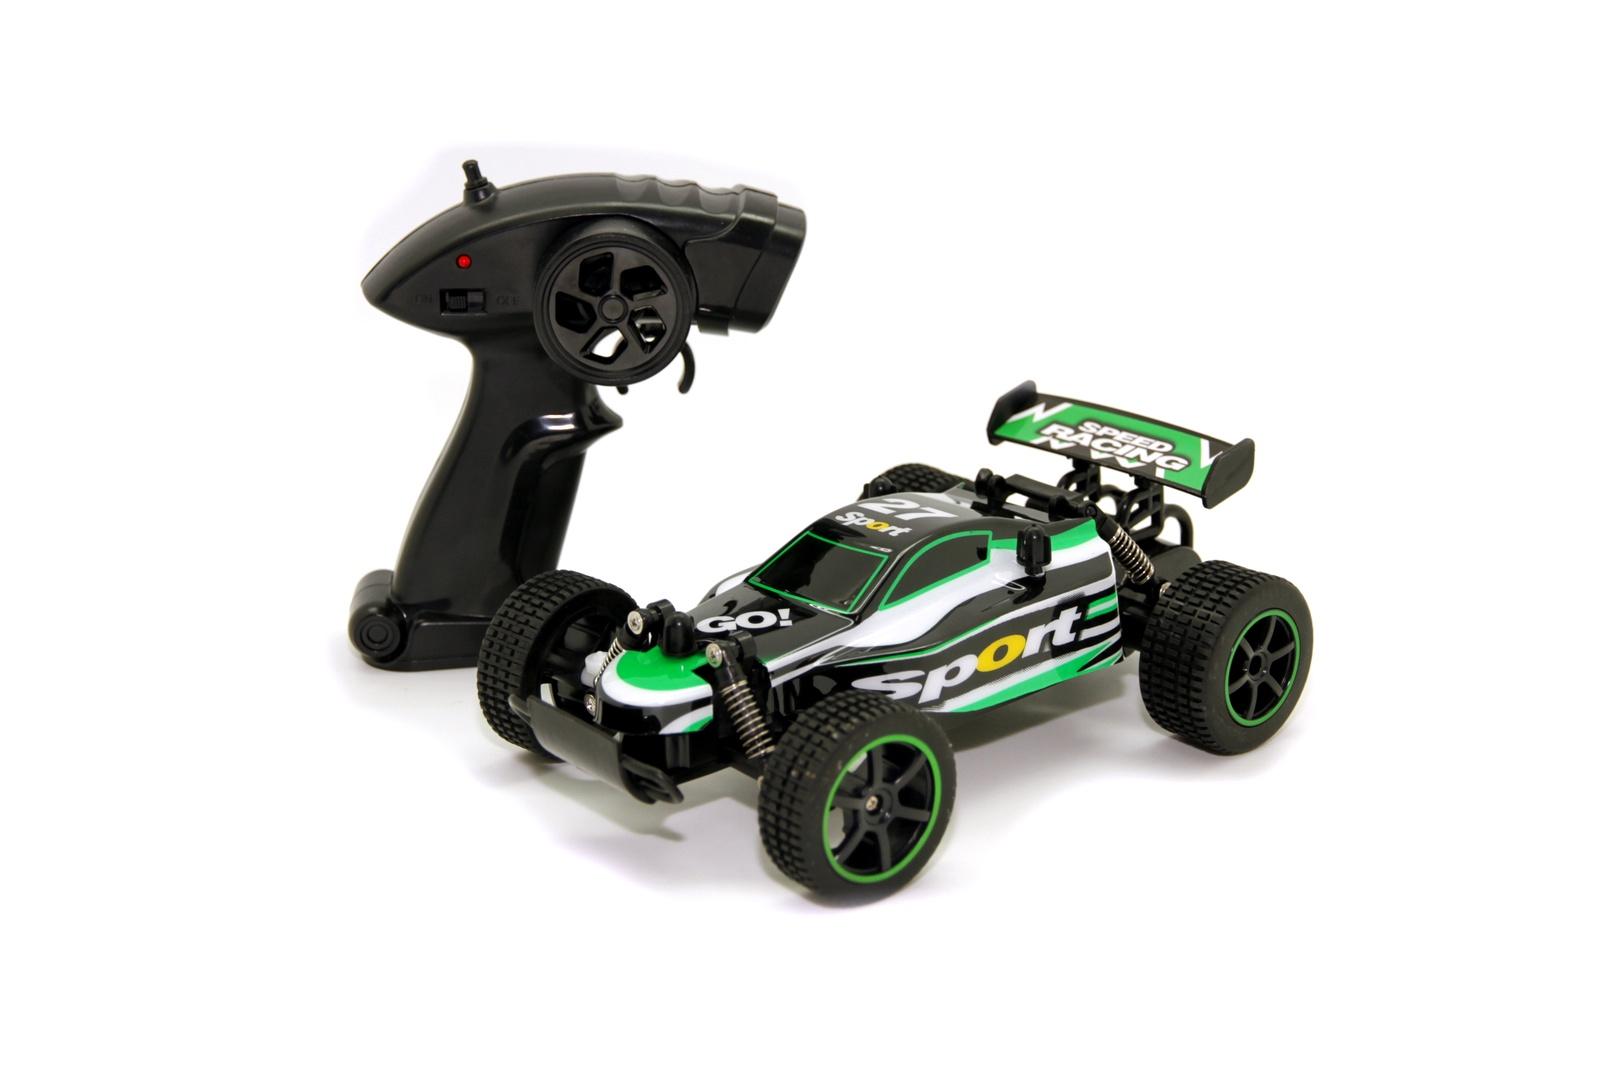 цена на Машинка радиоуправляемая Balbi RCS-5201 G, A0G1082915 зеленый, черный